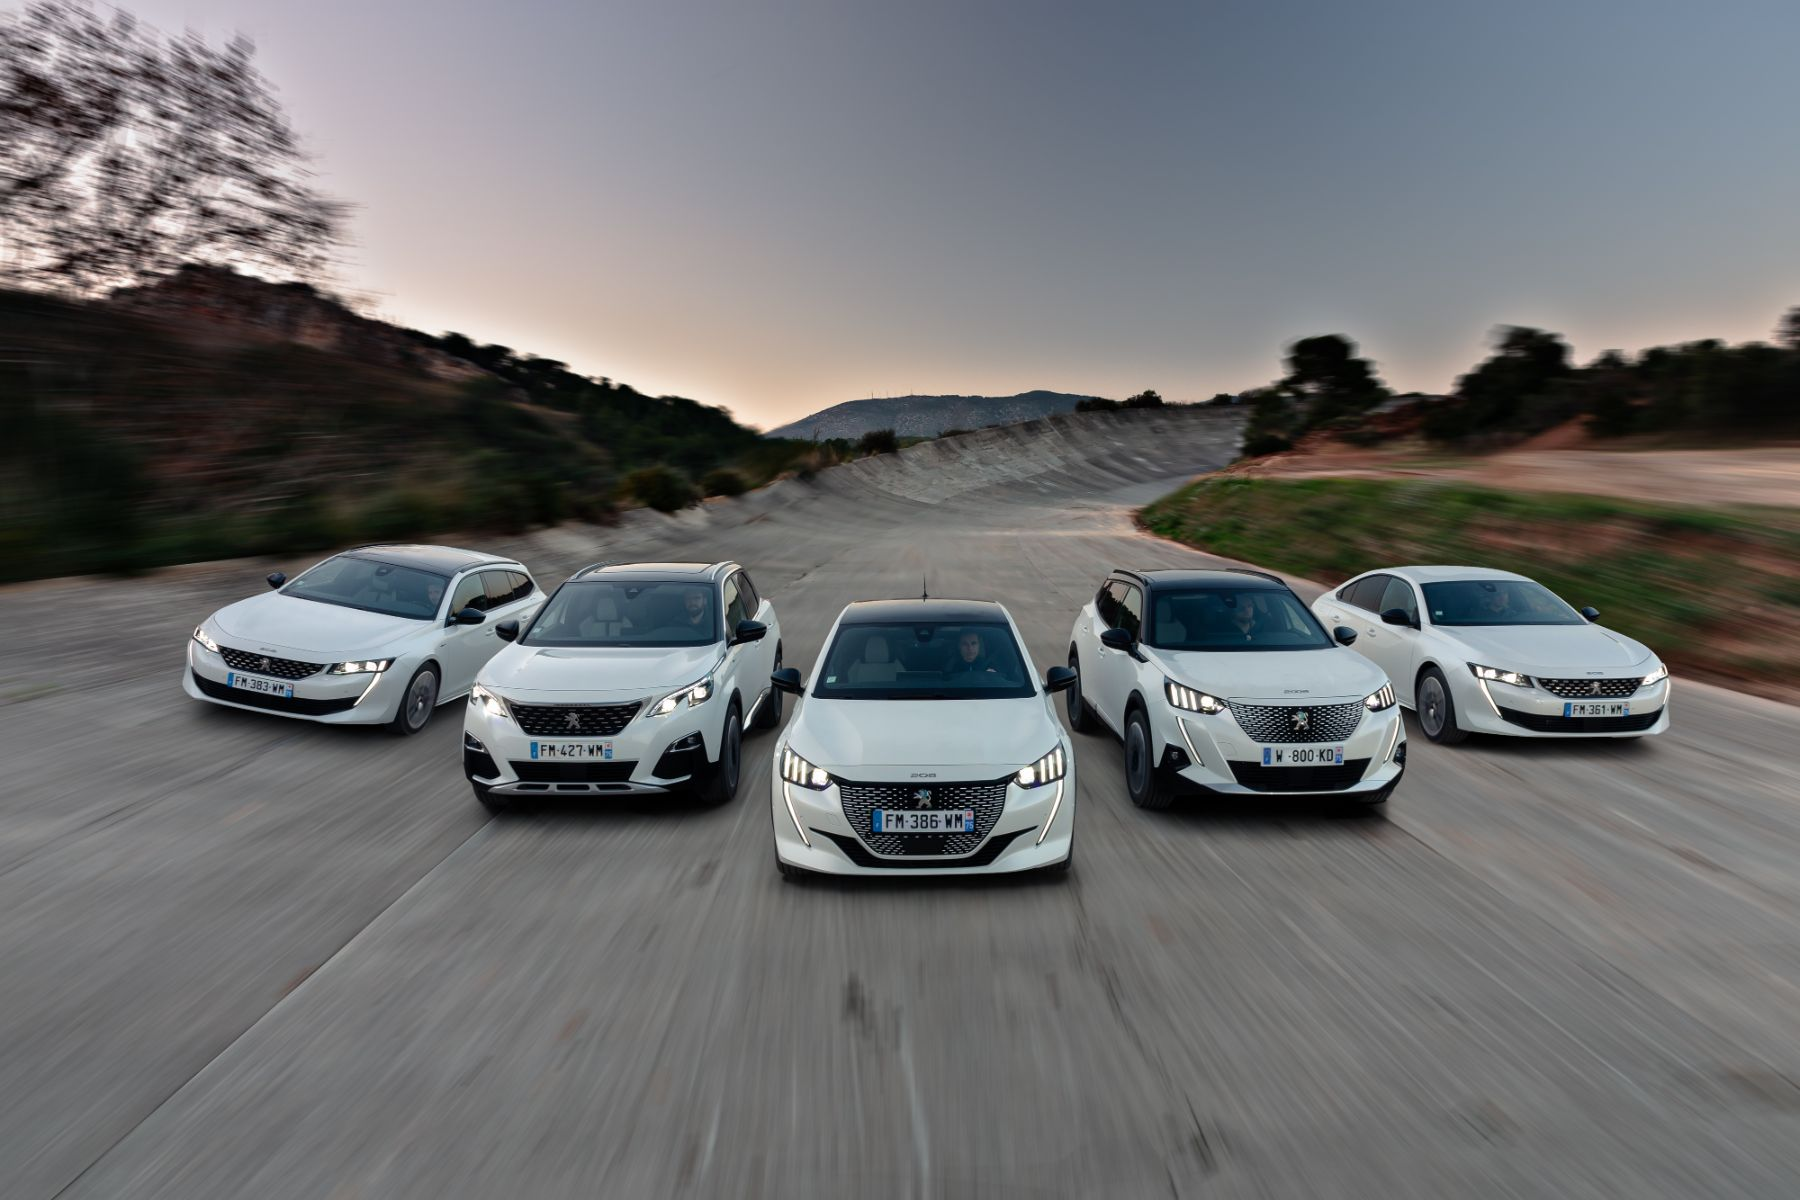 gama de carros da peugeot na europa em movimento